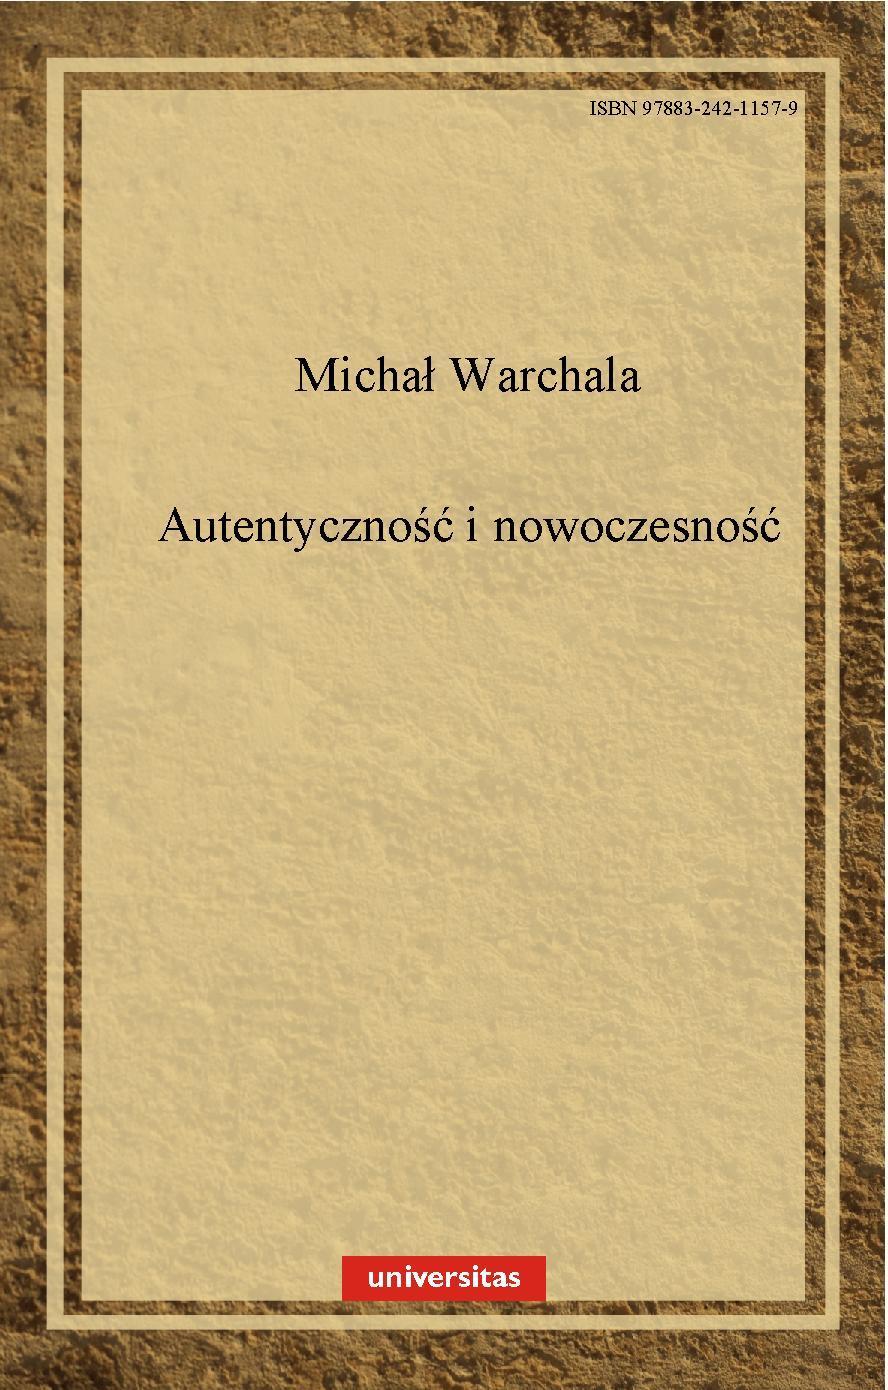 Autentyczność i nowoczesność - Ebook (Książka PDF) do pobrania w formacie PDF